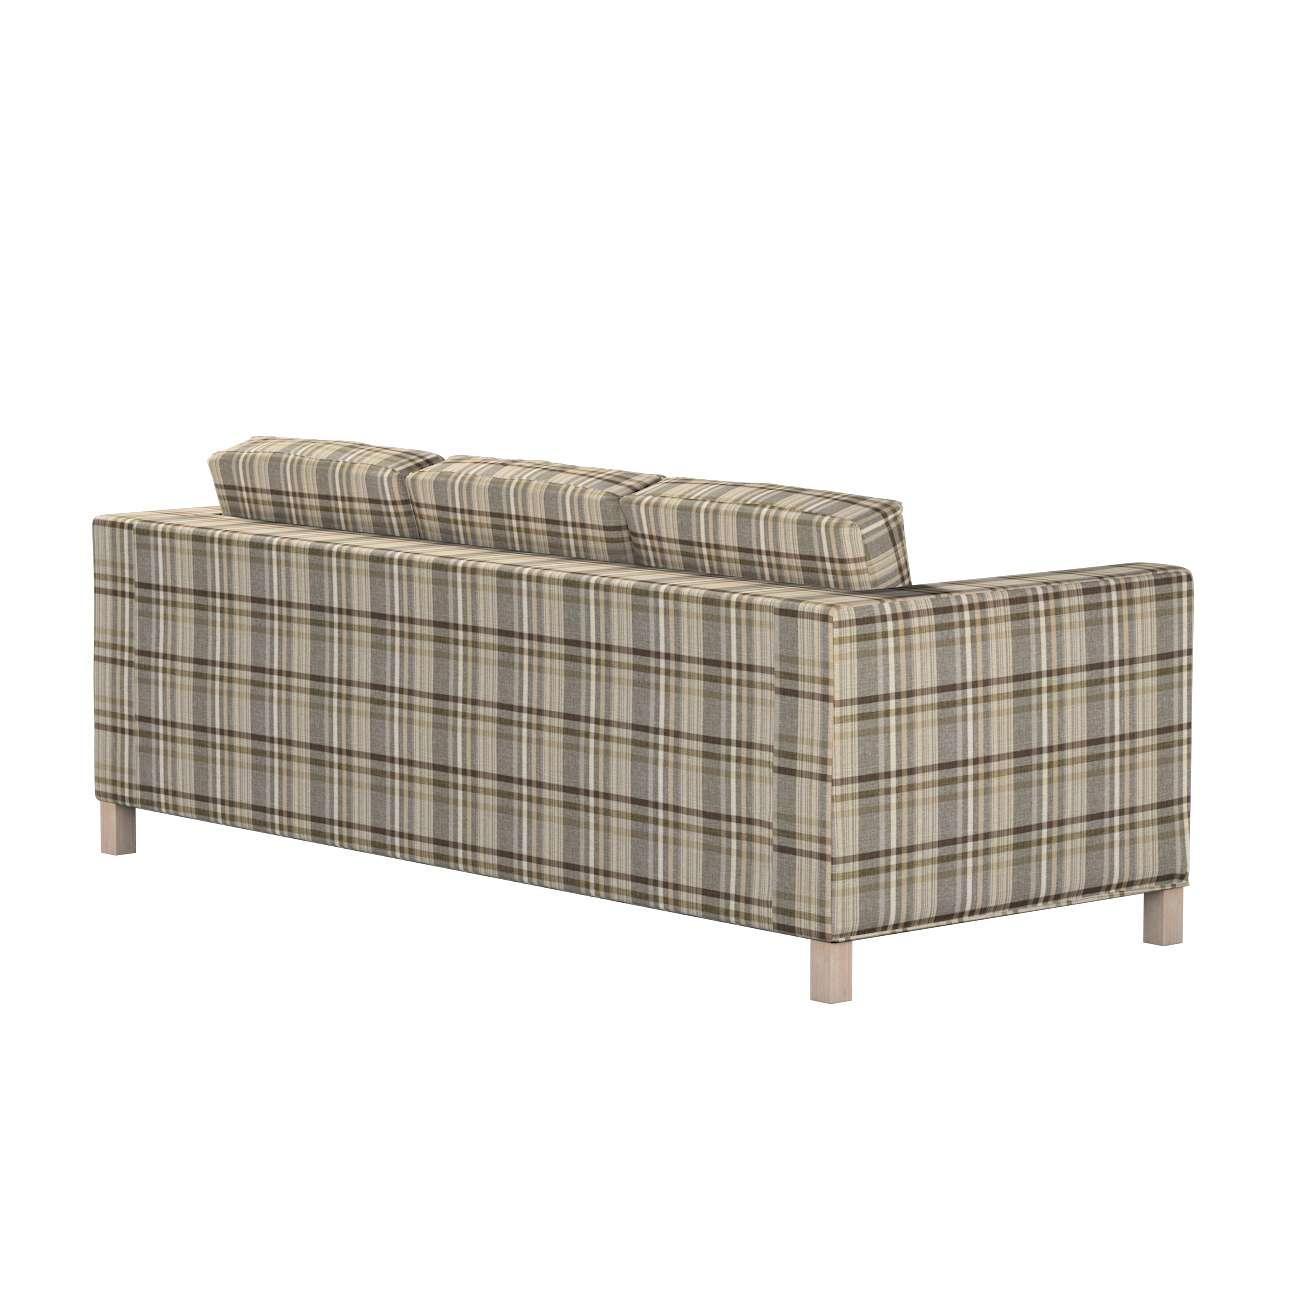 Pokrowiec na sofę Karlanda 3-osobową nierozkładaną, krótki w kolekcji Edinburgh, tkanina: 703-17